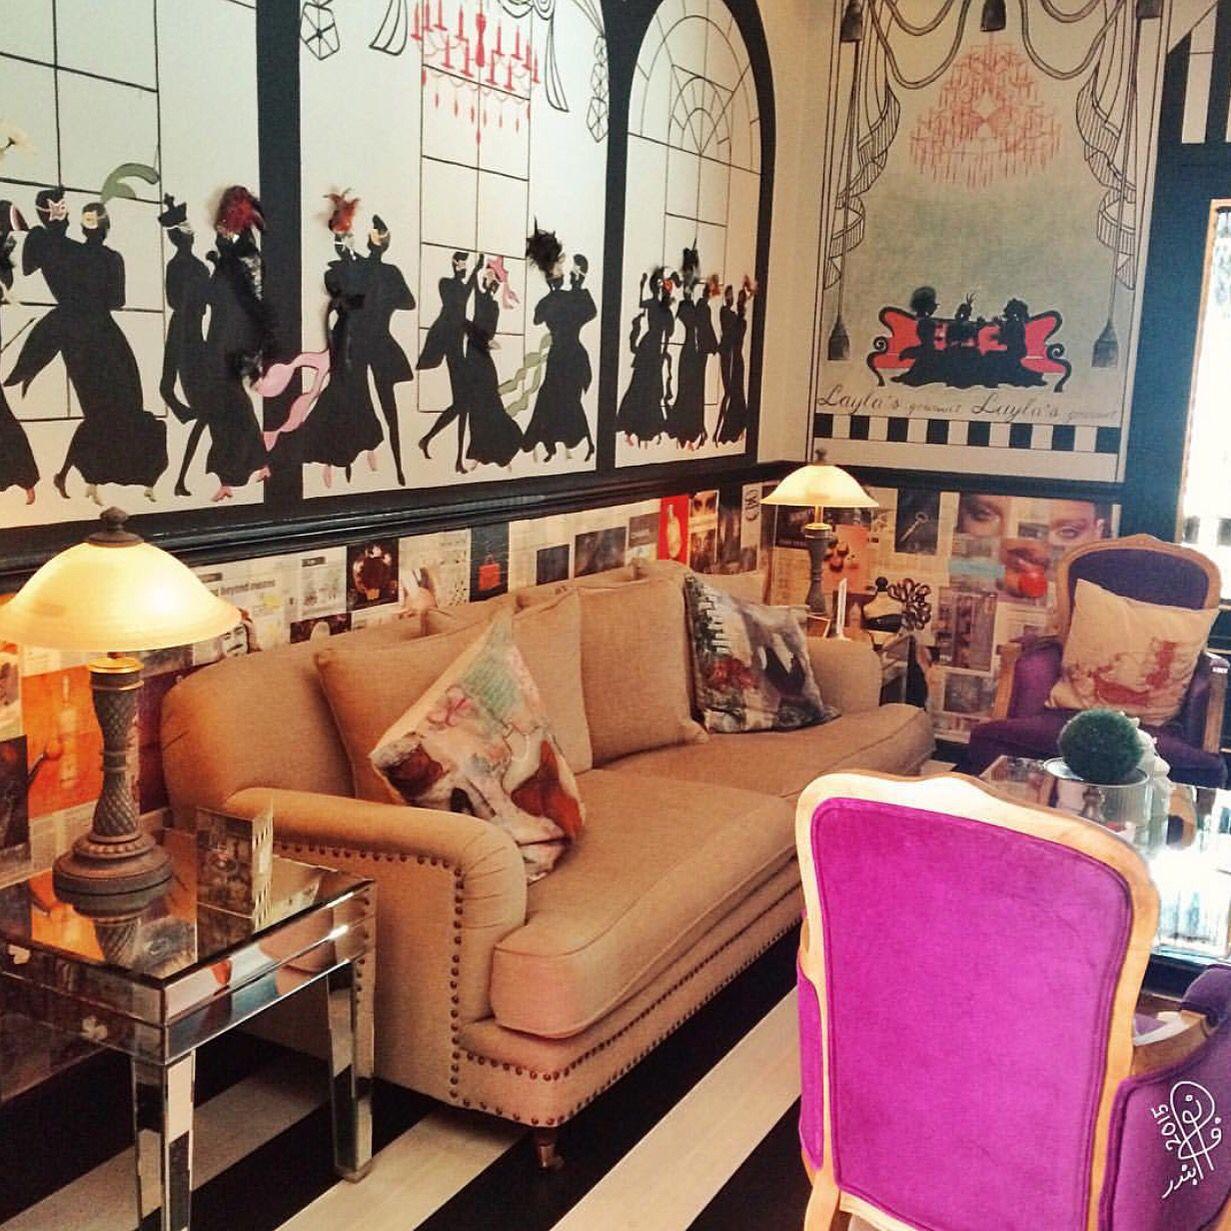 مقهى ليلى جورميه Layla Gourmet جدة شارع التحلية تصوير Nouf Bandar لايسمح بدخول الأطفال مين جربه منشن أهل جدة Sg Jeddah Jeddah Furniture Home Decor Decor